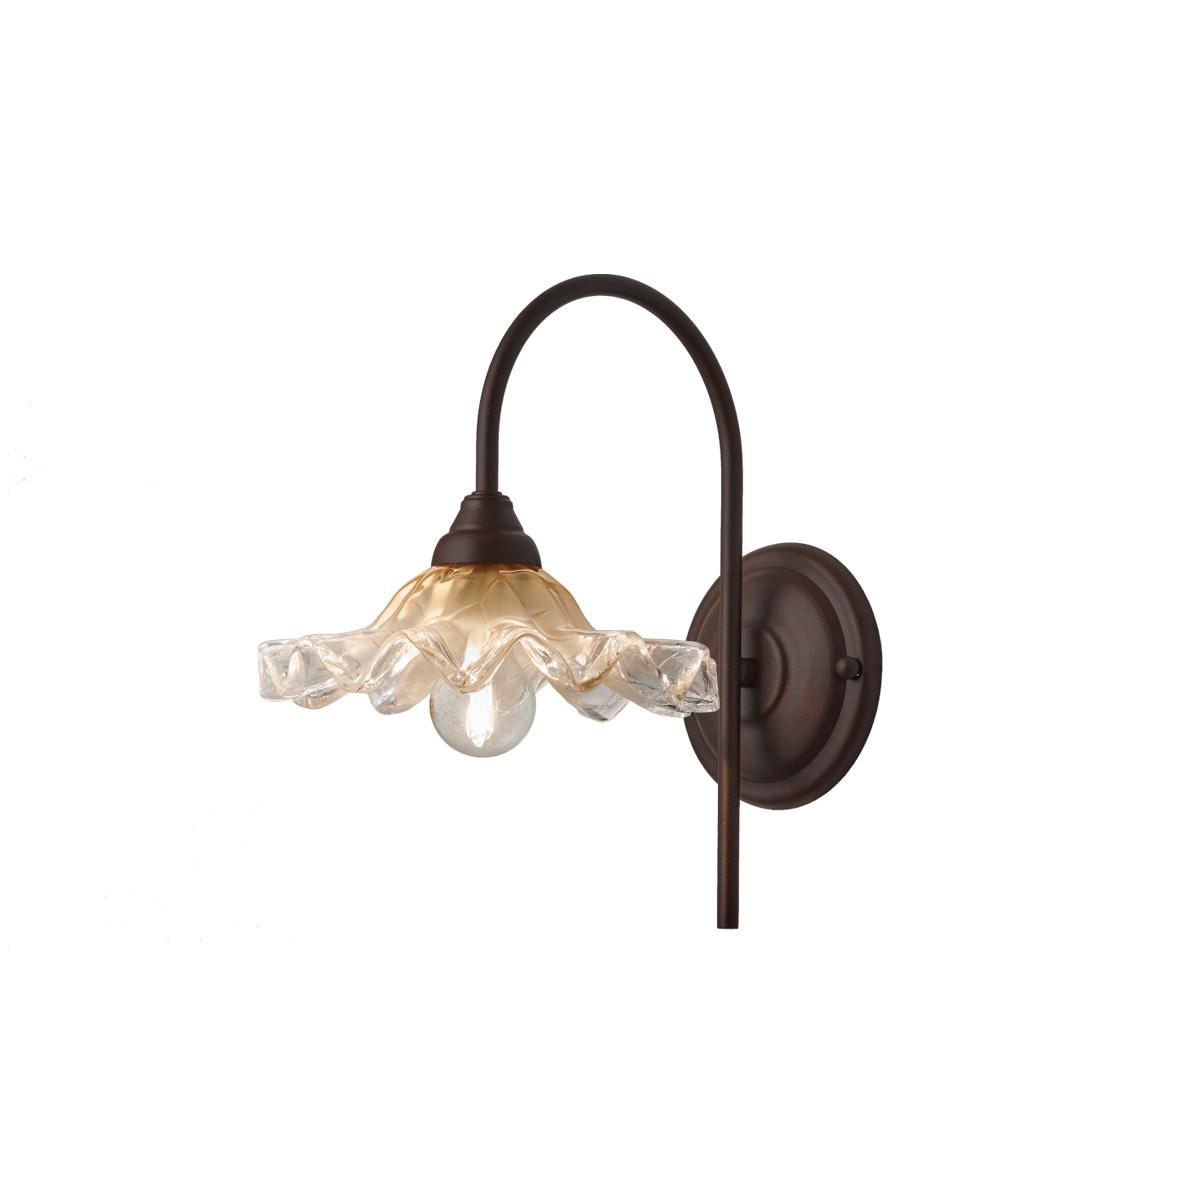 Απλίκα σκουριά με μελί γυαλί ΣΥΡΟΣ rusty wall lamp with amber glass shade